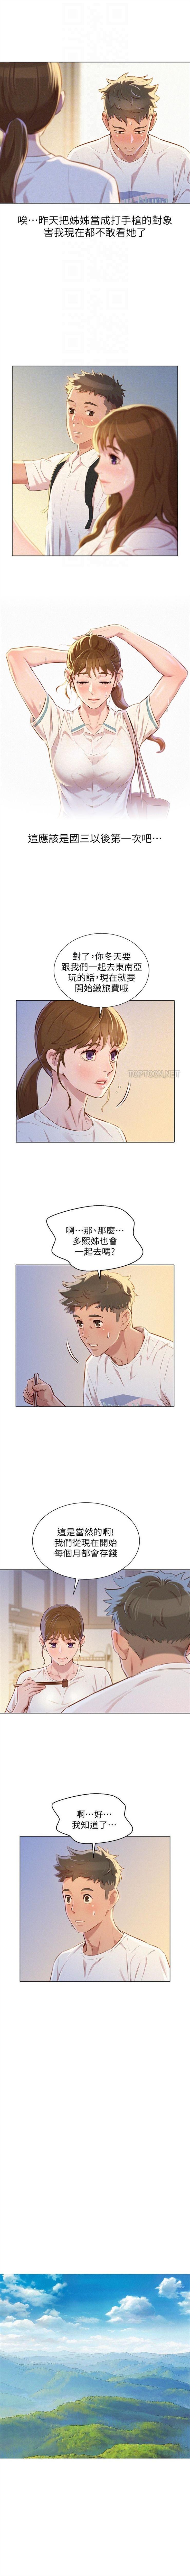 (周7)漂亮干姐姐  1-79 中文翻译 (更新中) 355